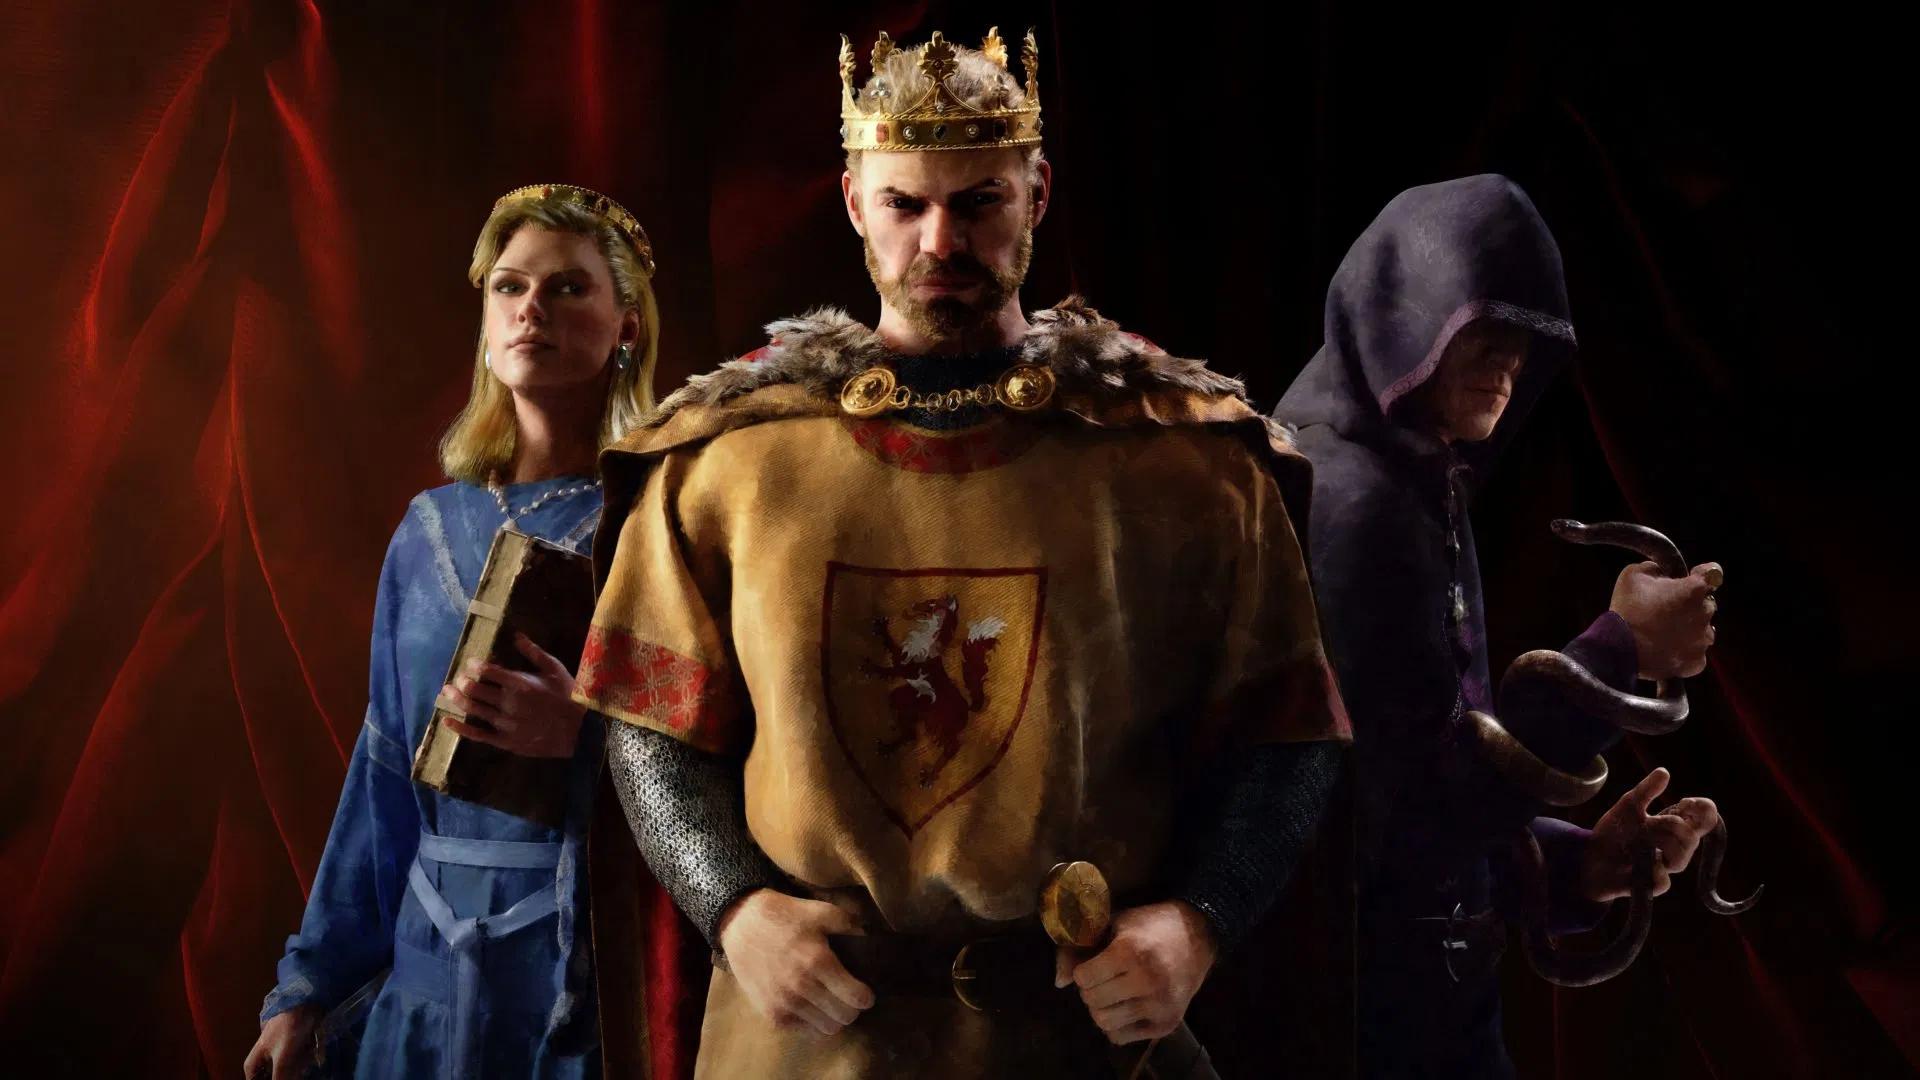 Трейлер и видео Crusader Kings 3, посвященные войне, интригам и убийствам